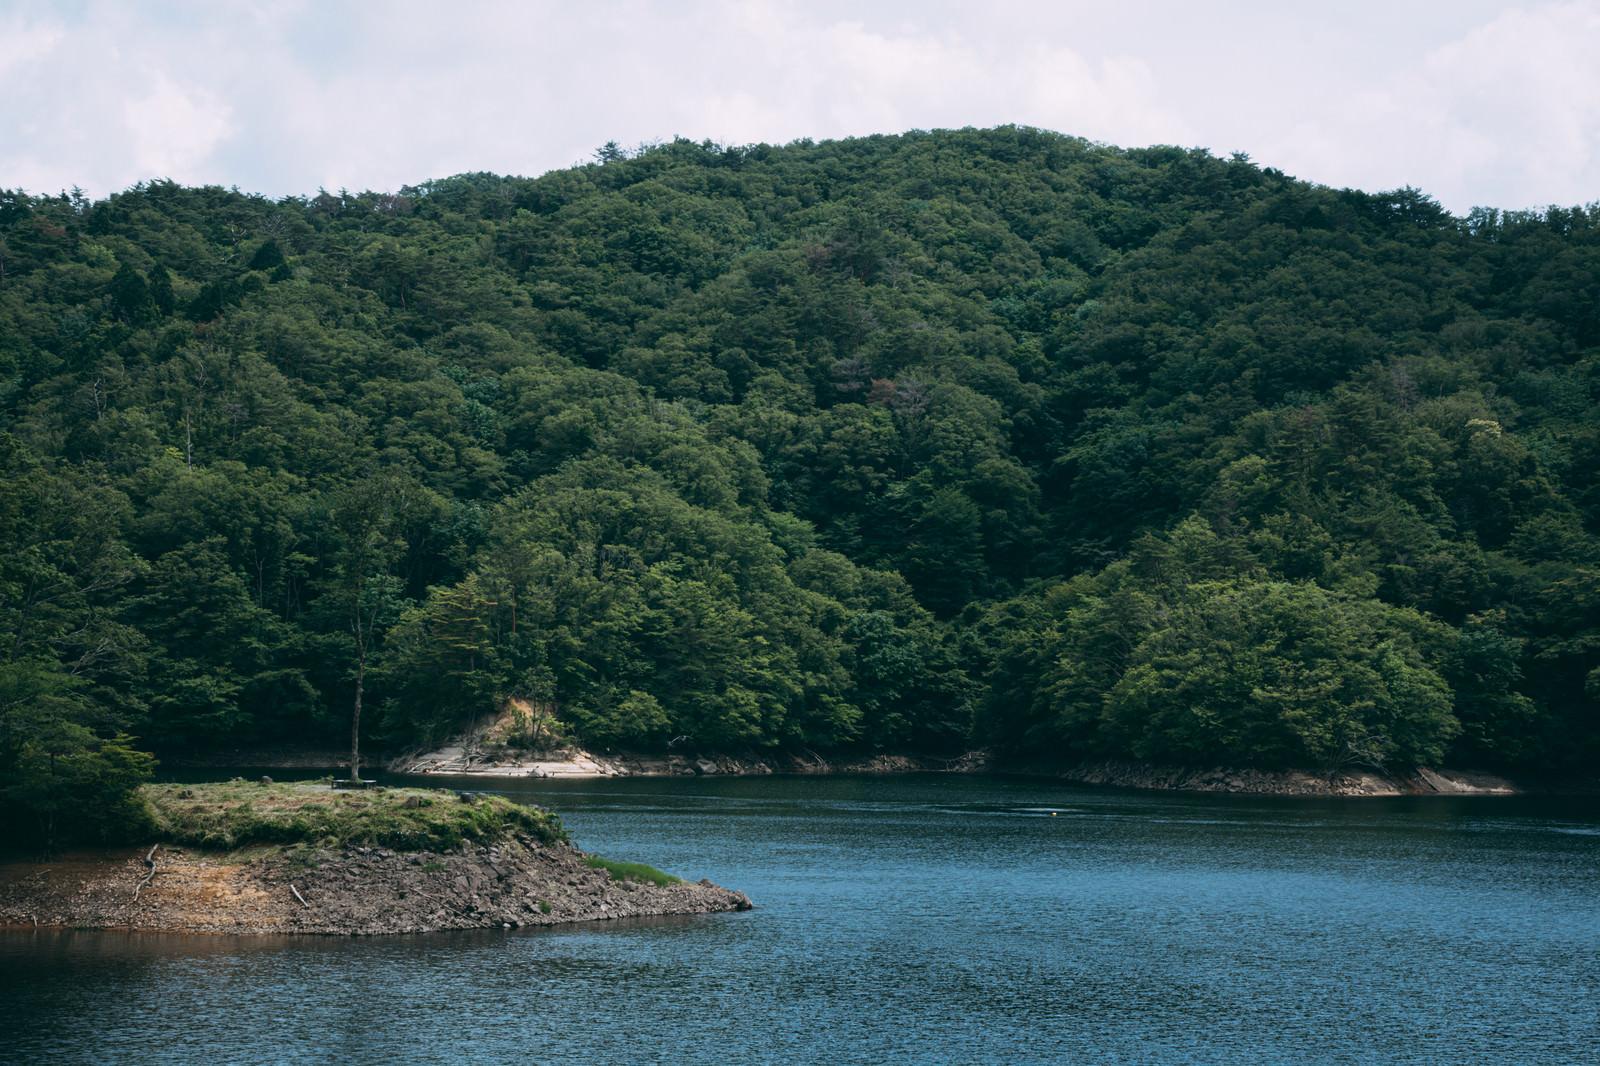 「ダム湖と湖畔を彩る木々(羽生ダム)」の写真